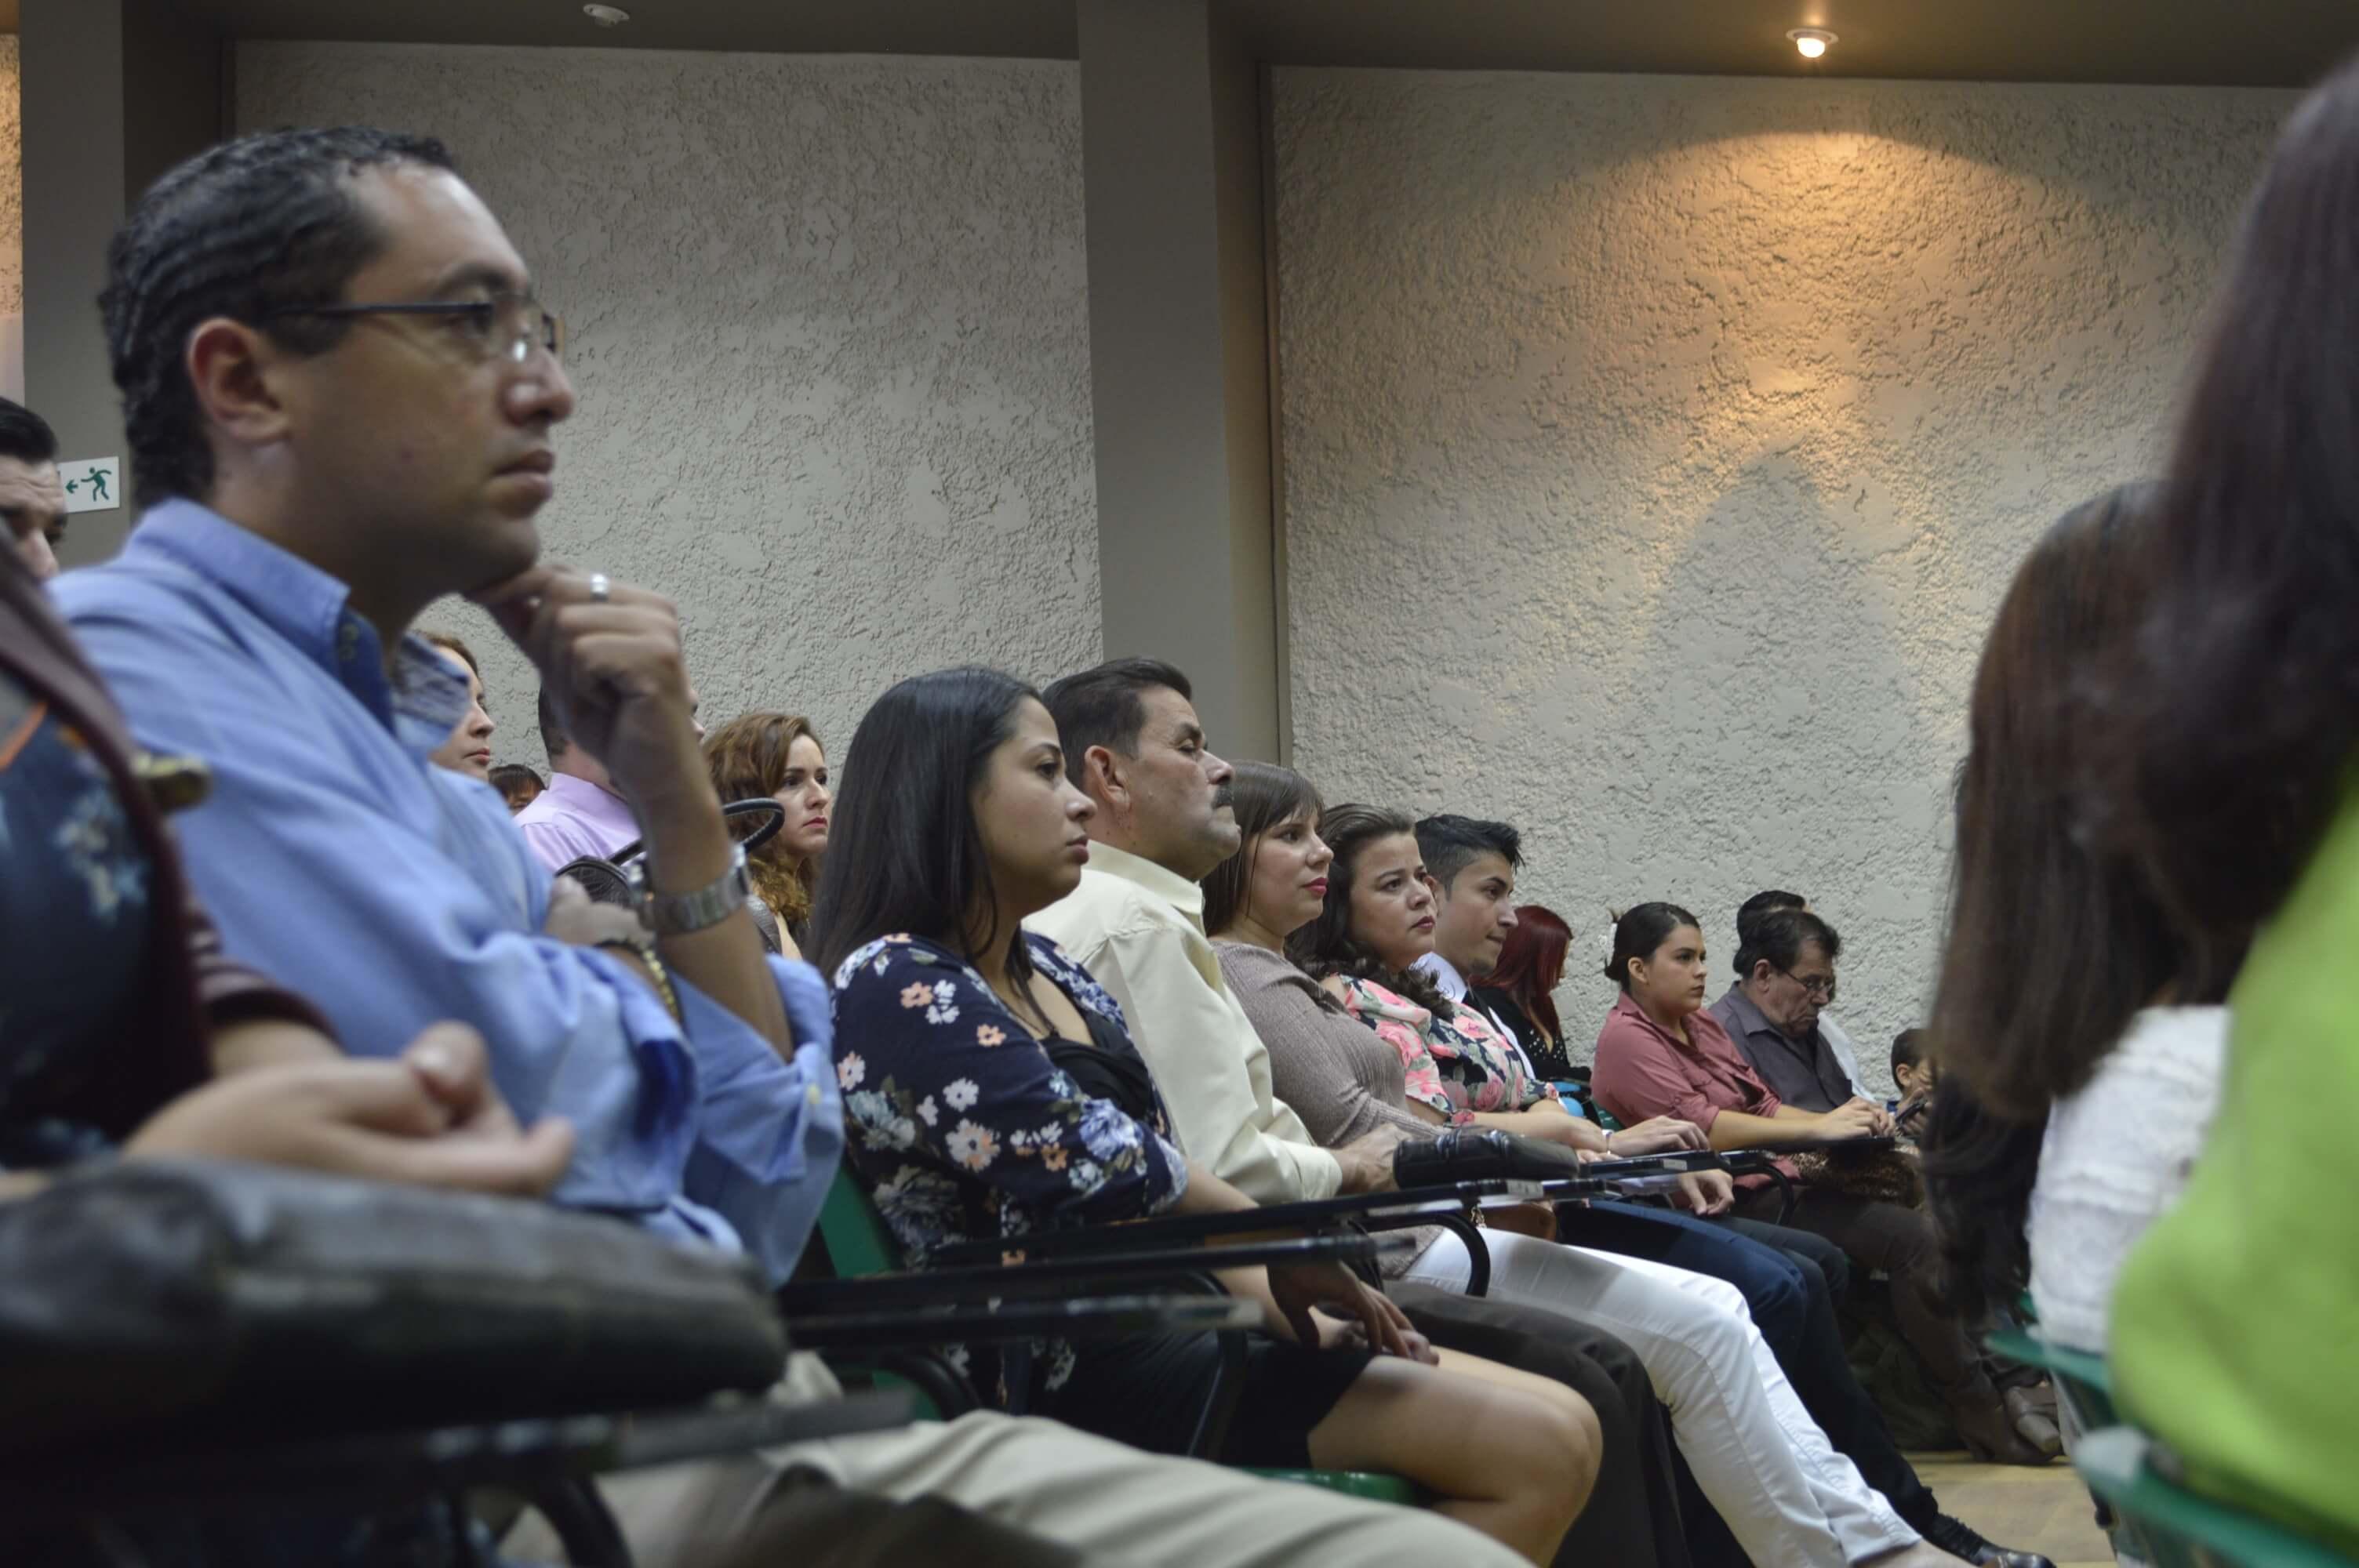 Público de la graduación escuchando el hermoso calipso de TAFOREM. Foto Jafeth Mora